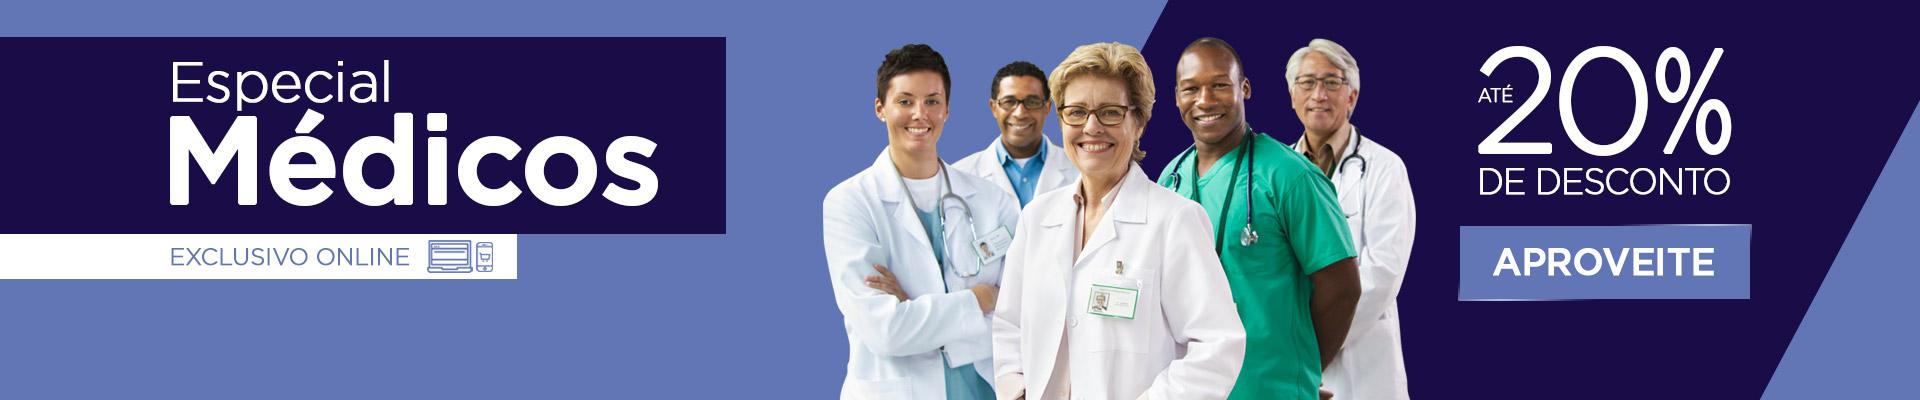 ESPECIAL MEDICOS